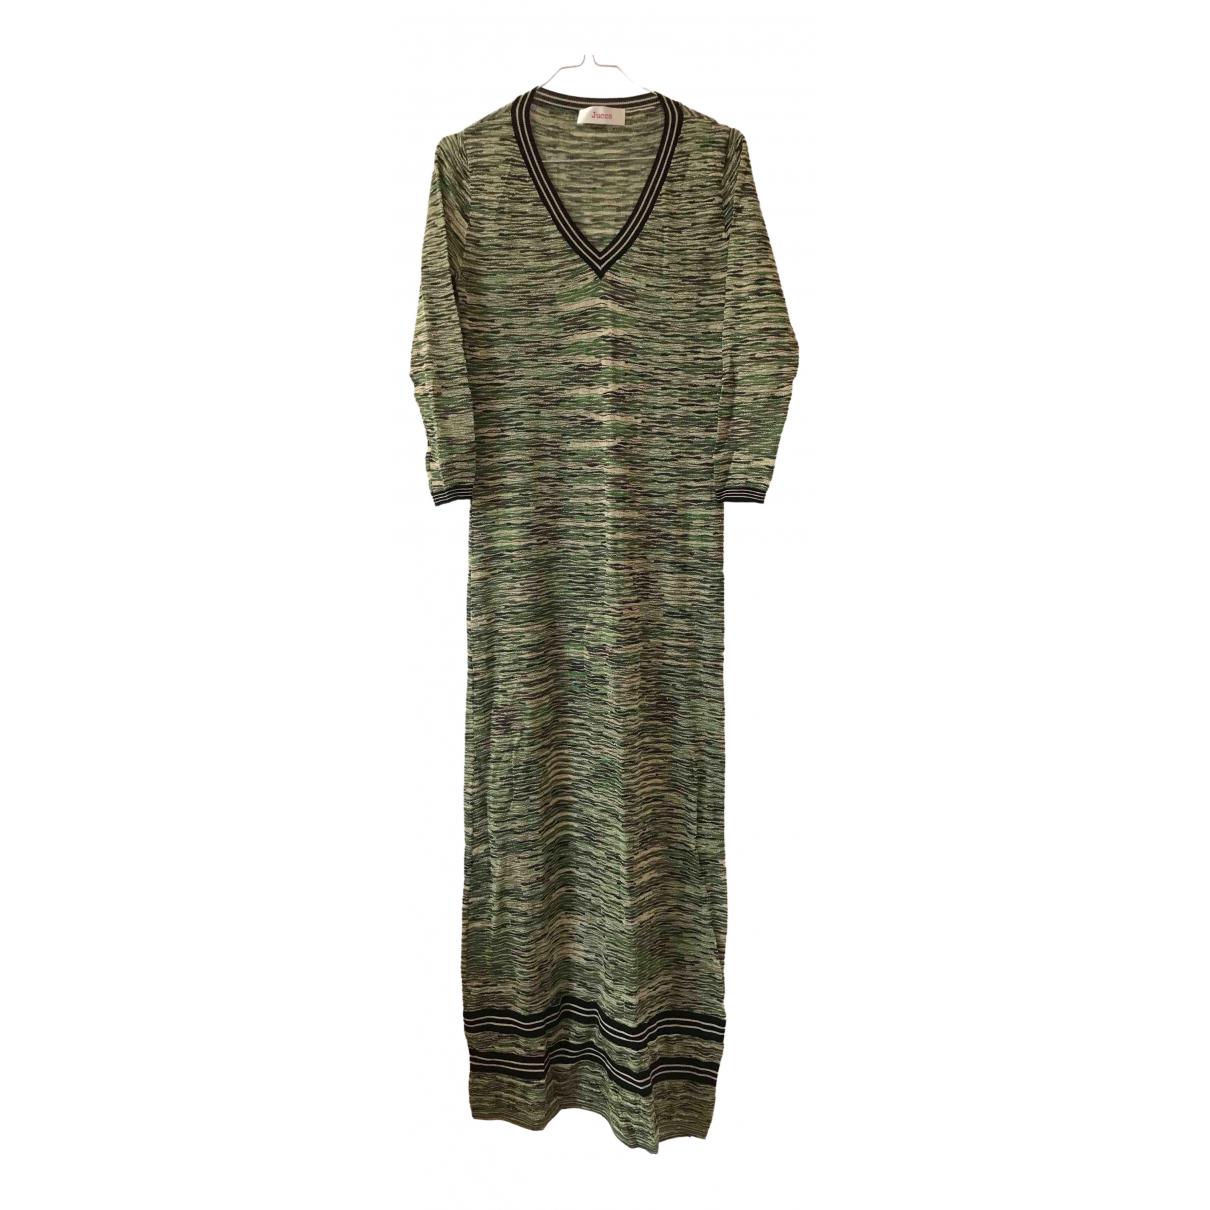 Jucca \N Kleid in  Gruen Baumwolle - Elasthan